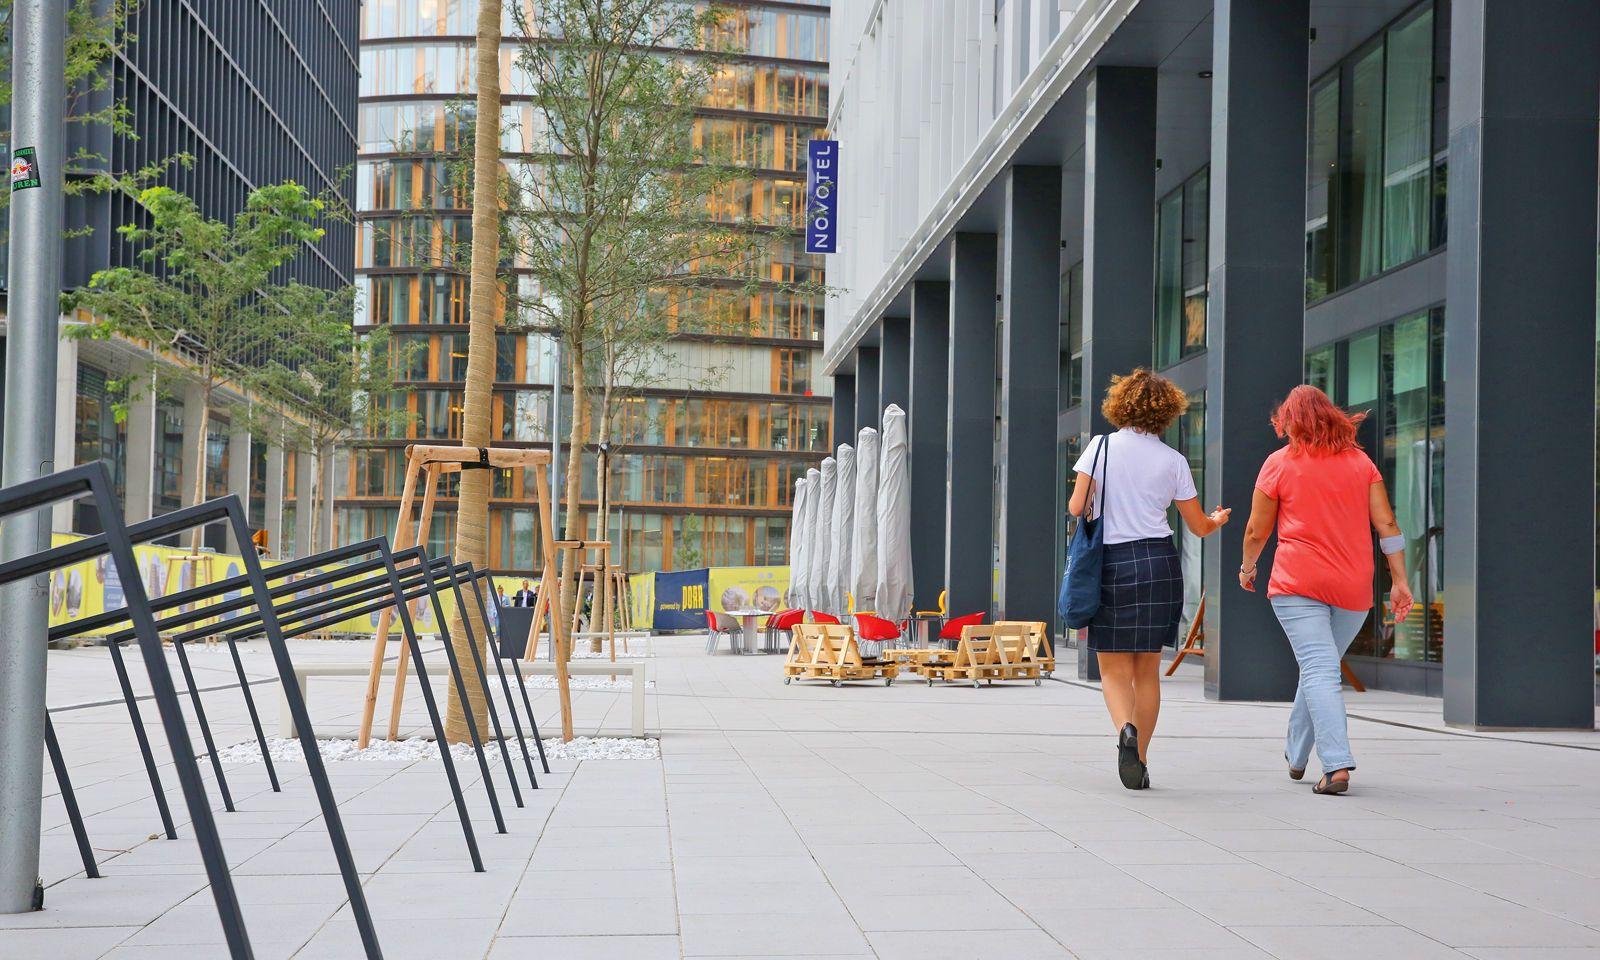 In den Erdgeschoßzonen sollen Lokale für eine lebendige Atmosphäre im Stadtquartier sorgen.